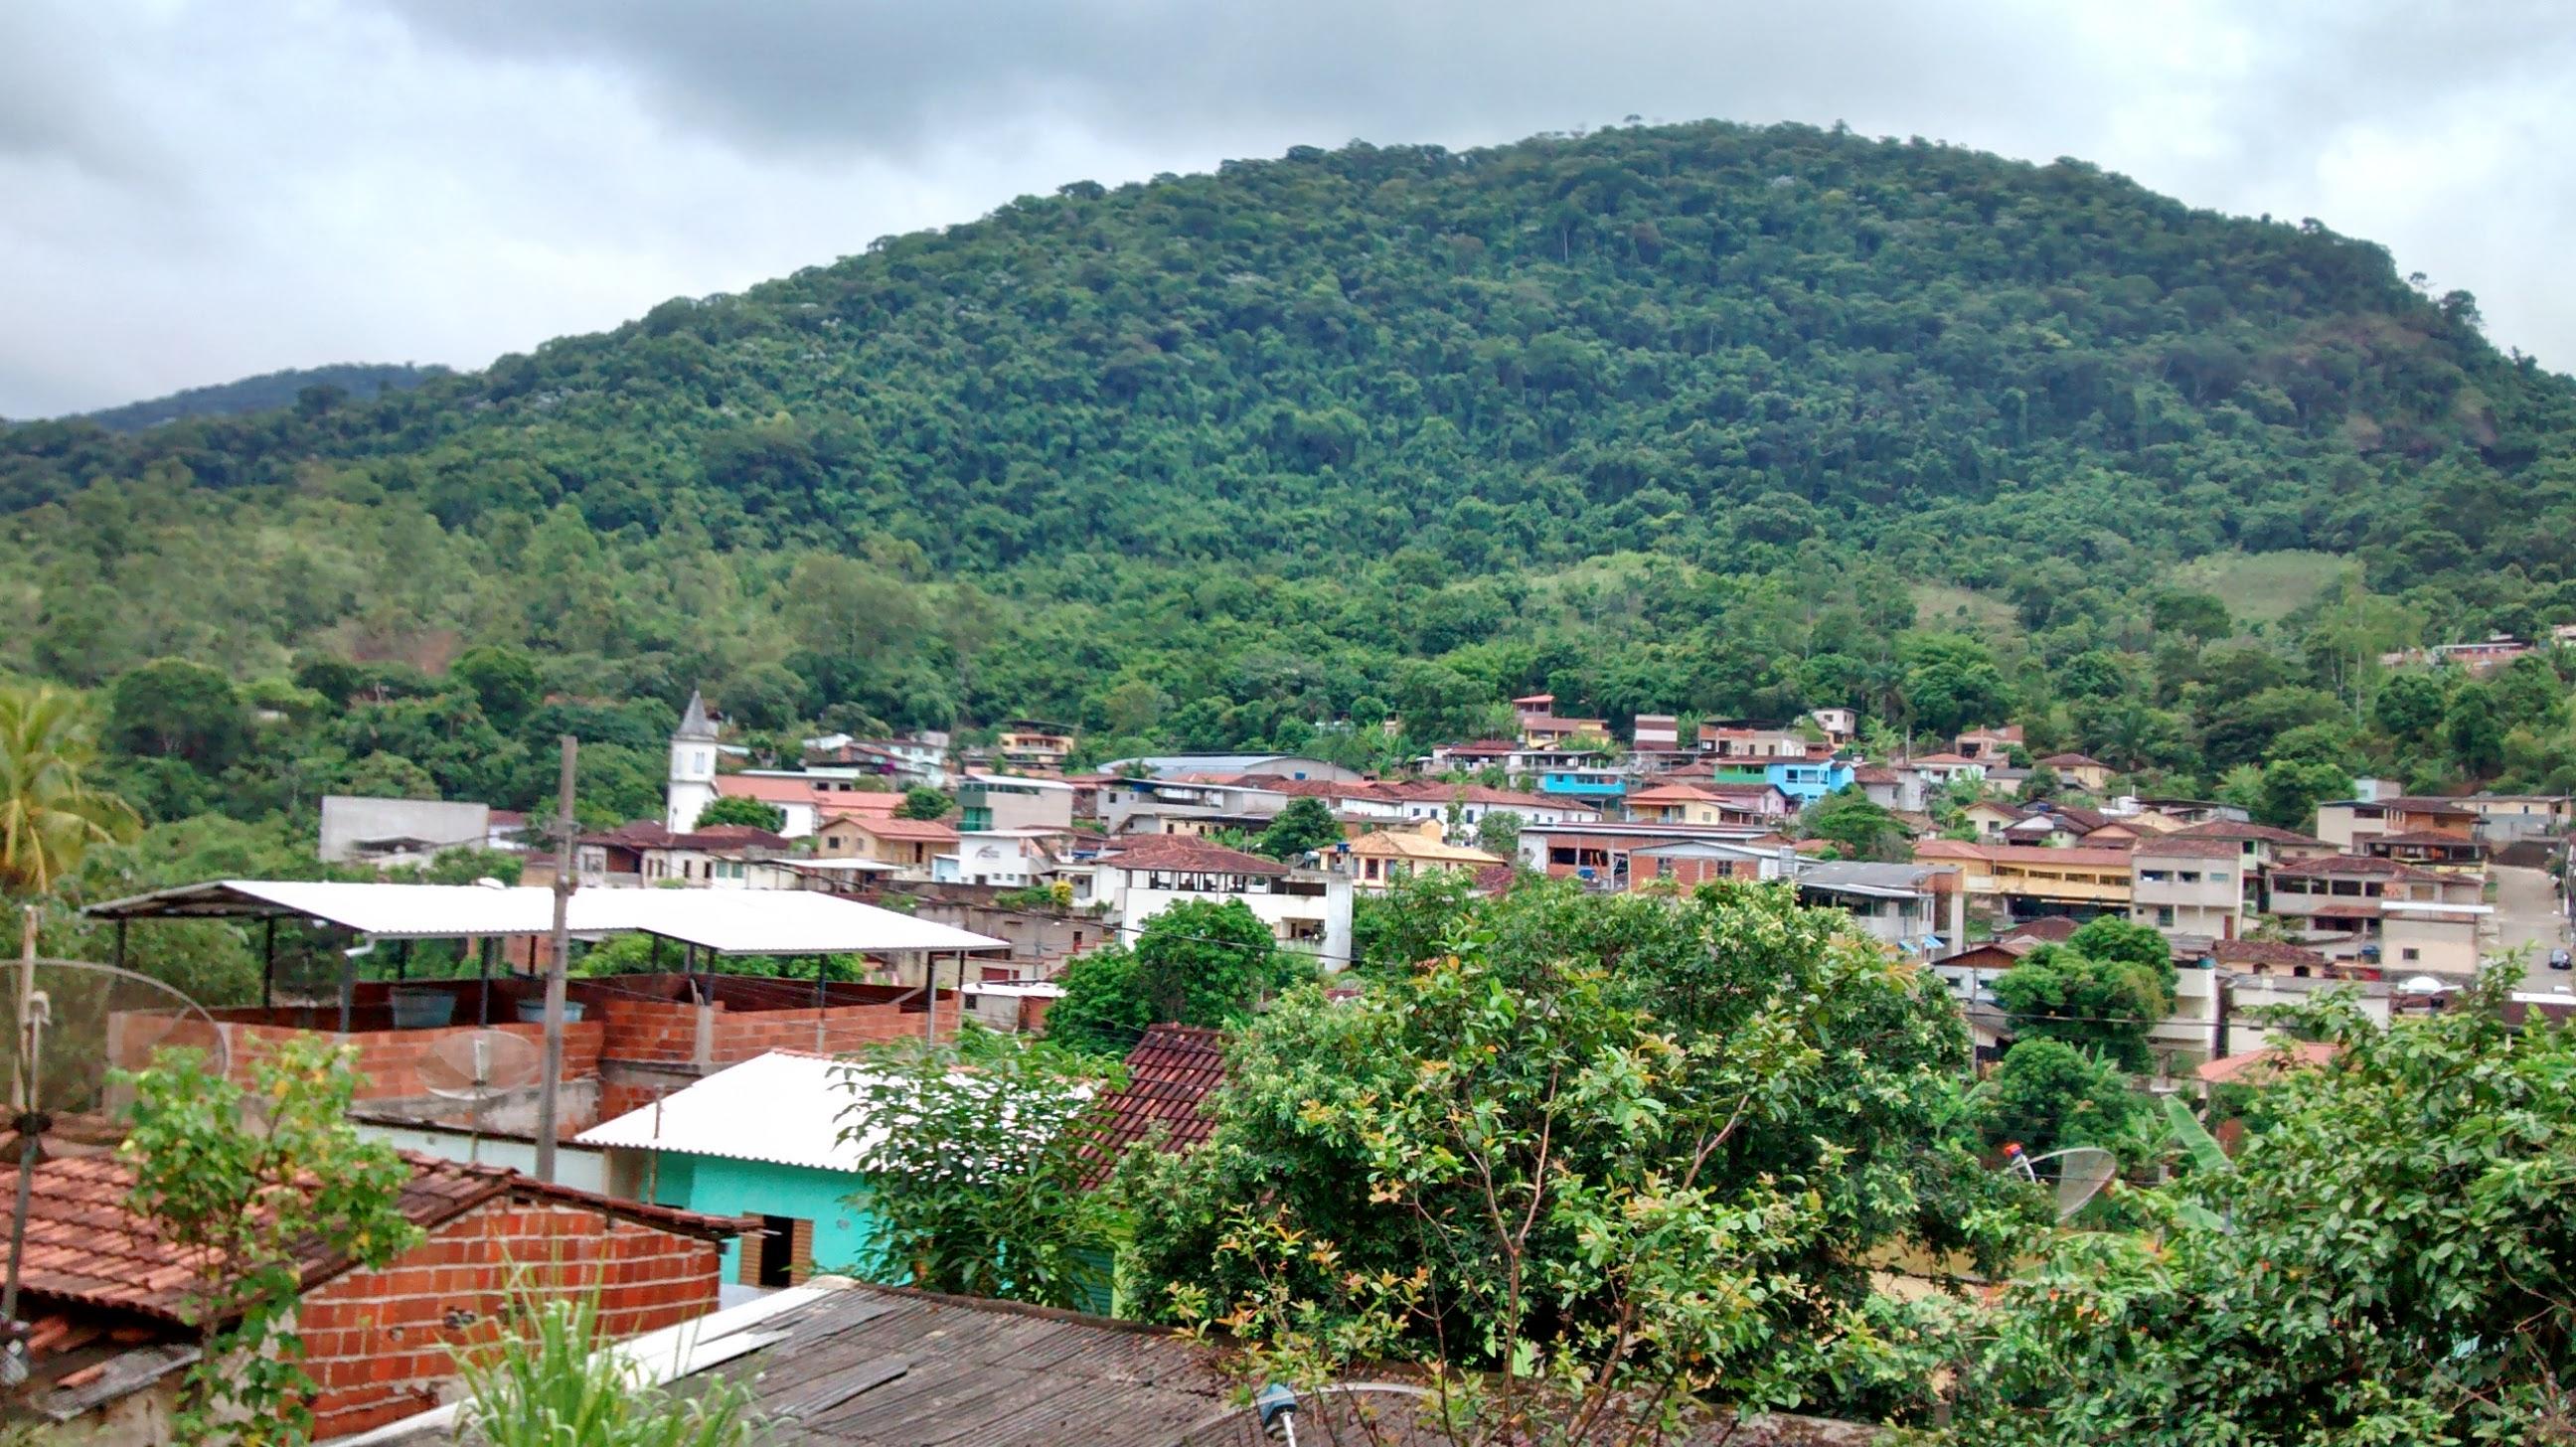 Antônio Dias Minas Gerais fonte: upload.wikimedia.org